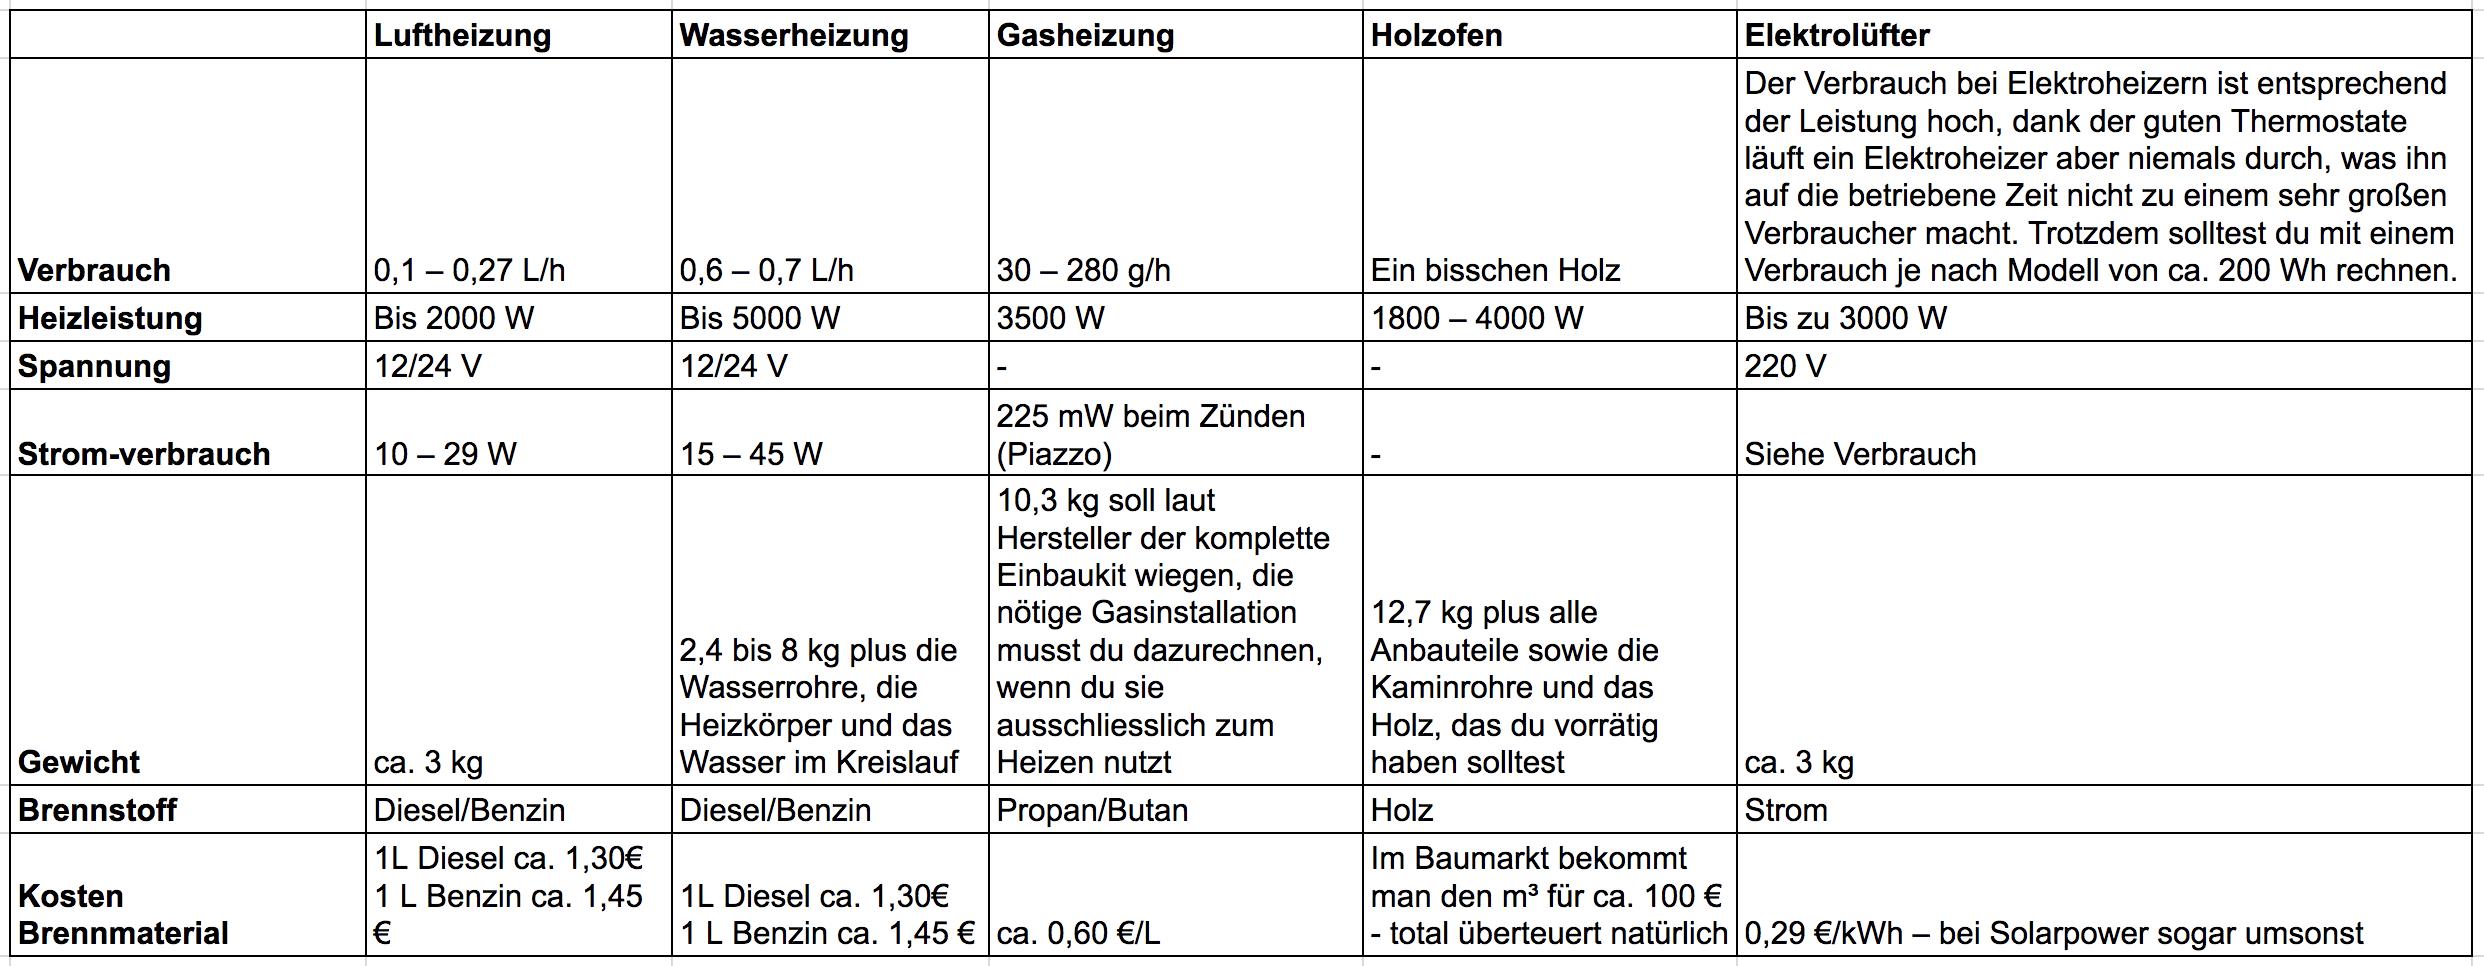 heizung-im-wohnmobil-varianten-hoilzofen.gasheizung-kostern-planar-2d